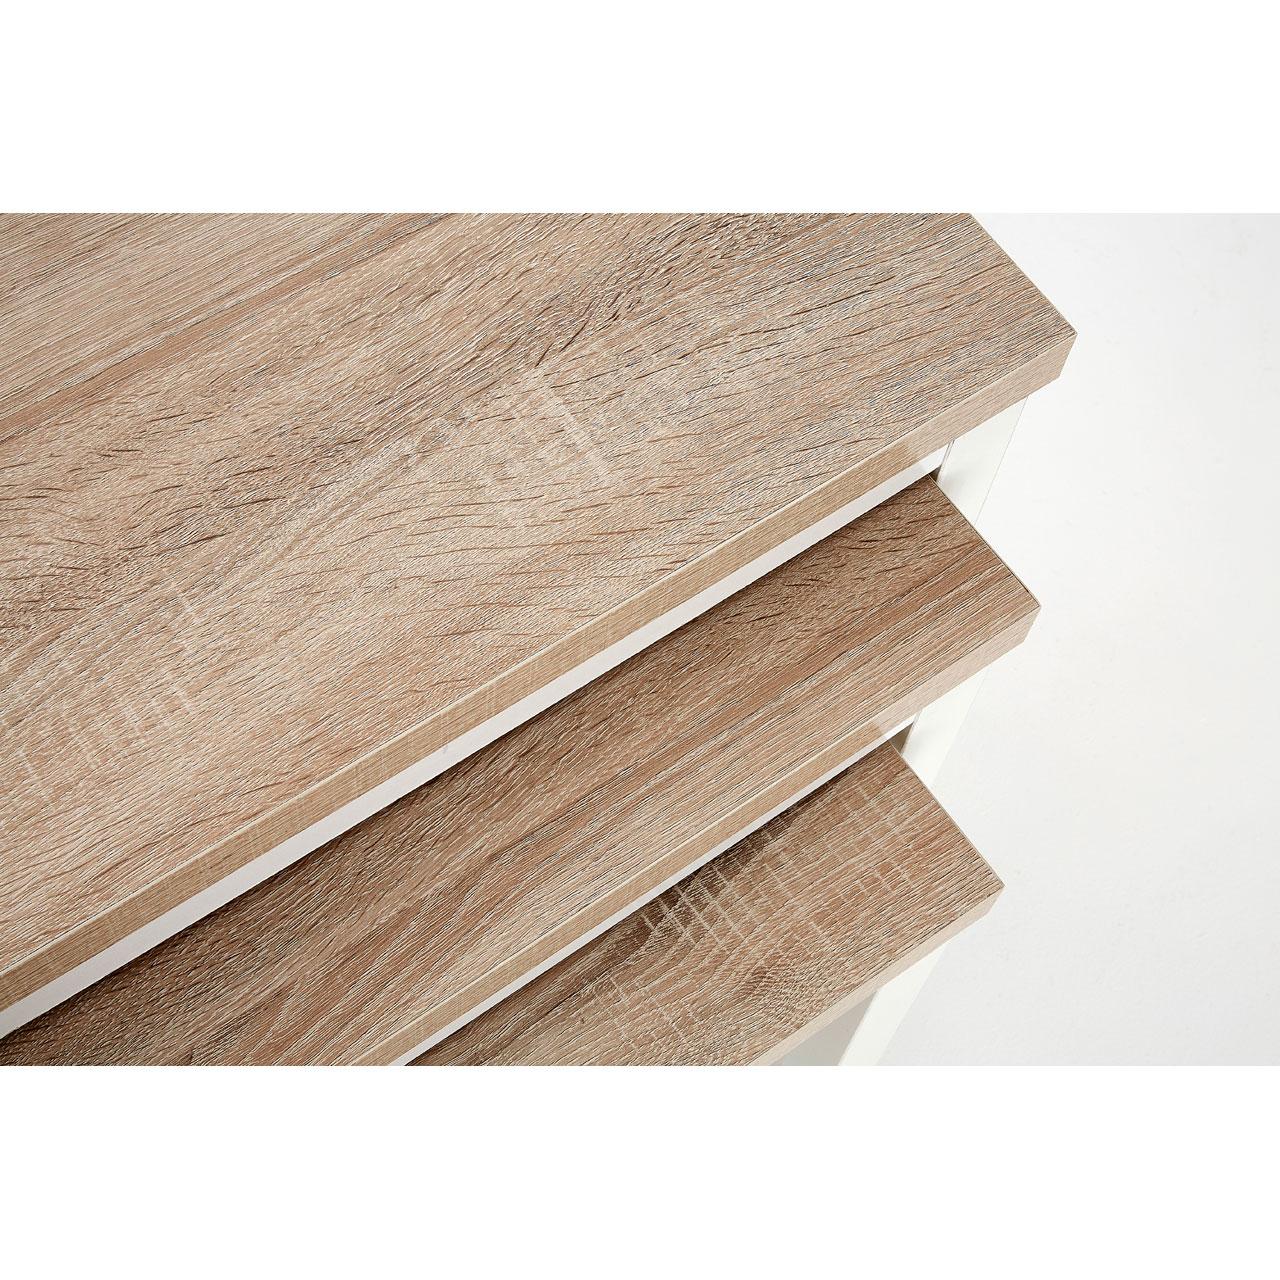 Premier nest of side tables brown oak veneer top white